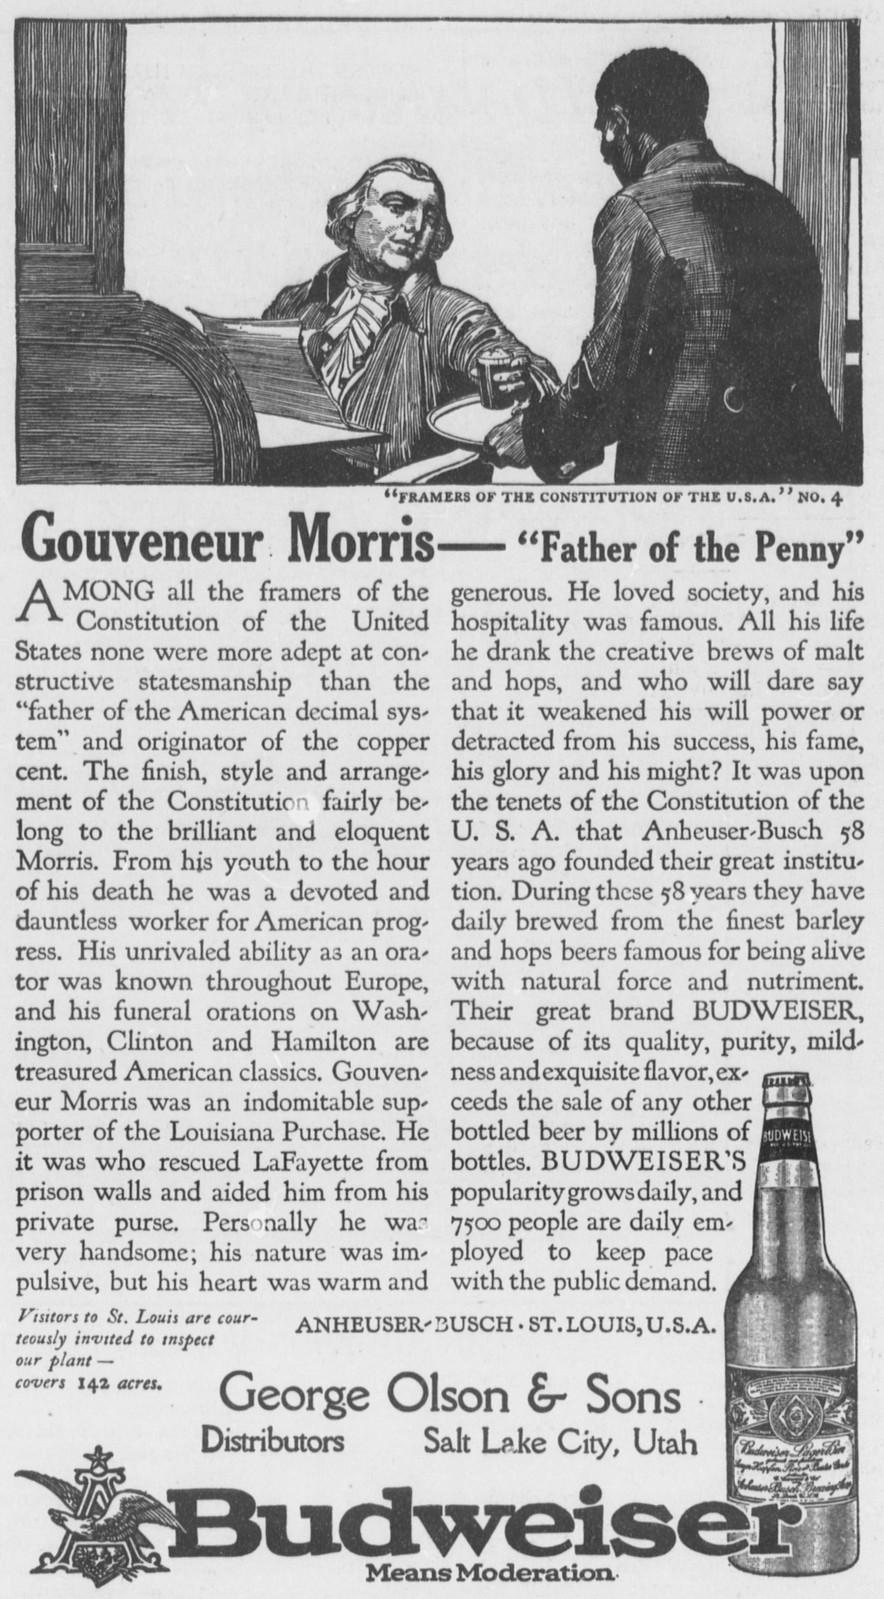 Bud-framers-1915-guv-morris